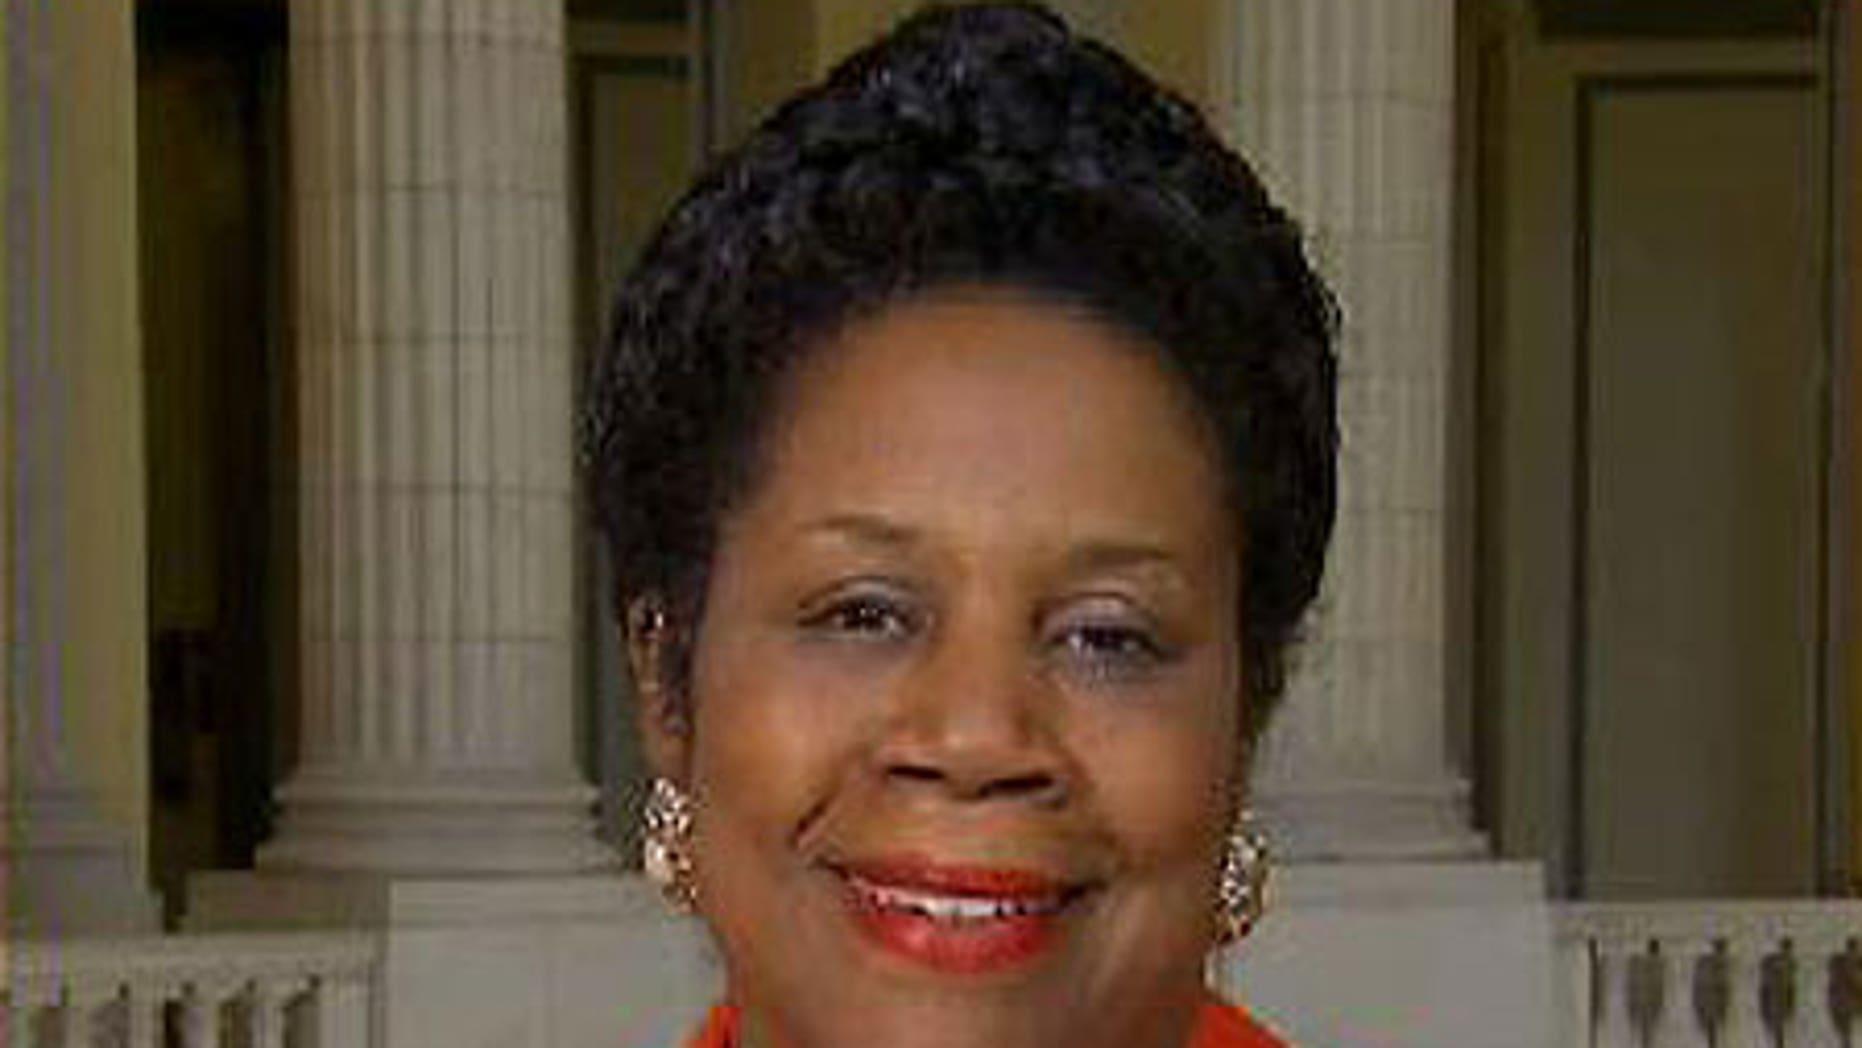 Rep. Sheila Jackson Lee, D-Texas